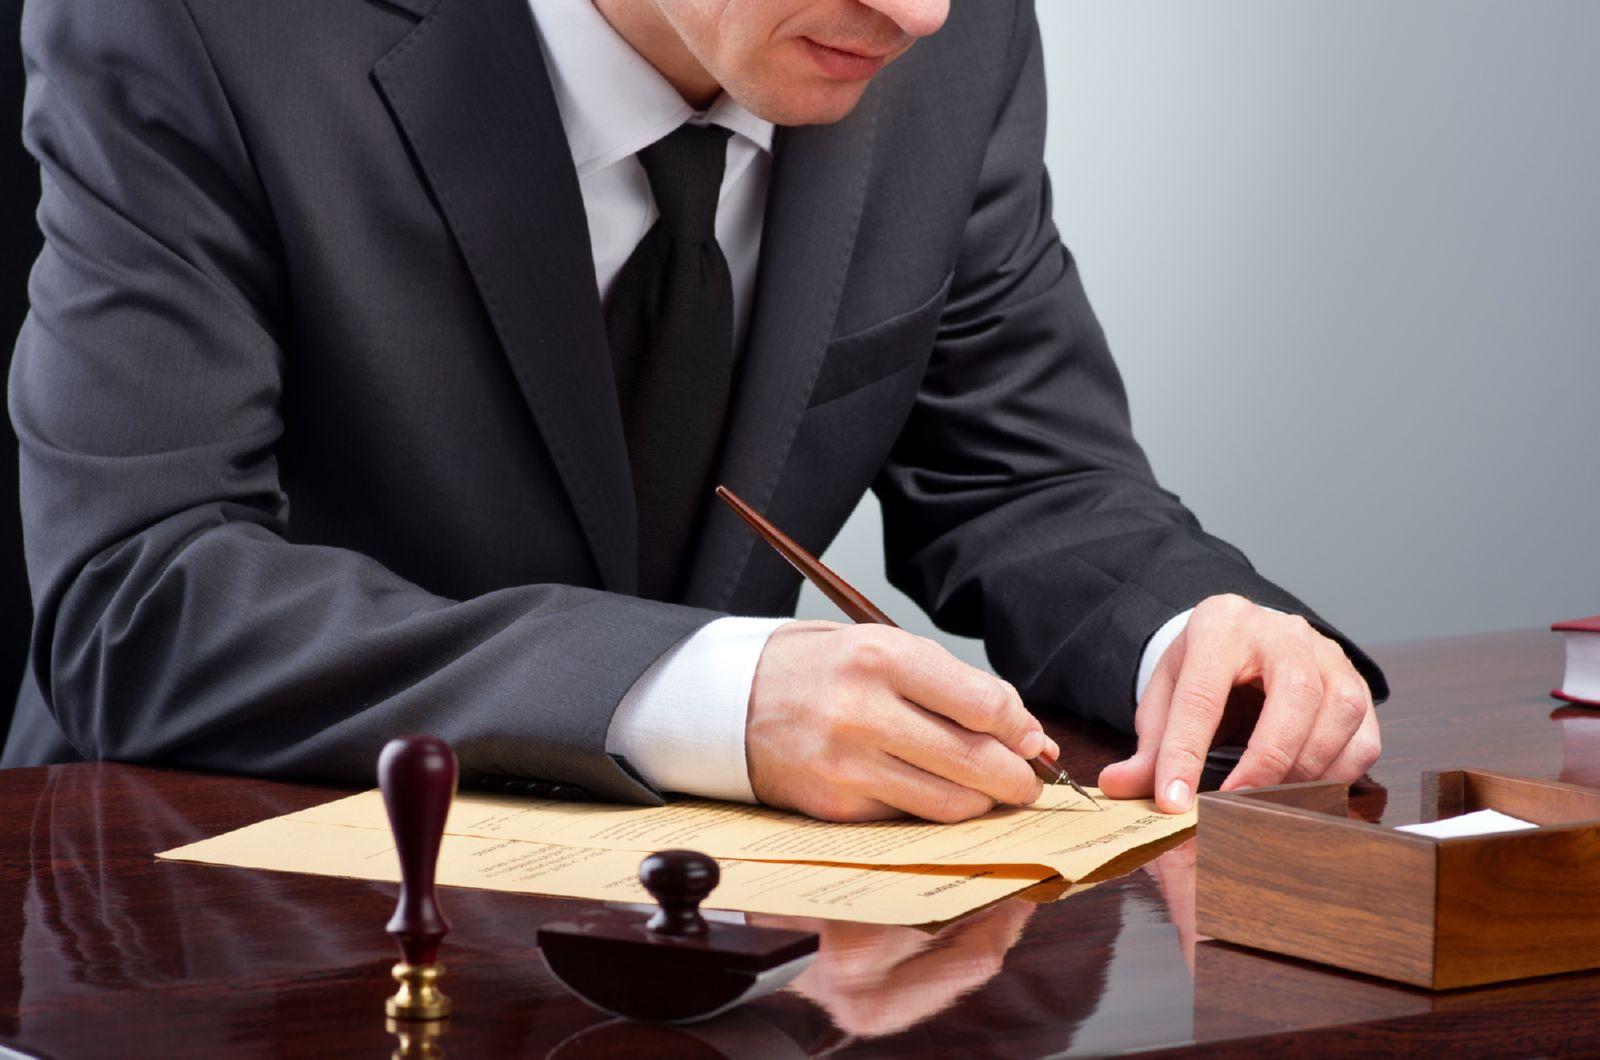 Мужчина с ручкой